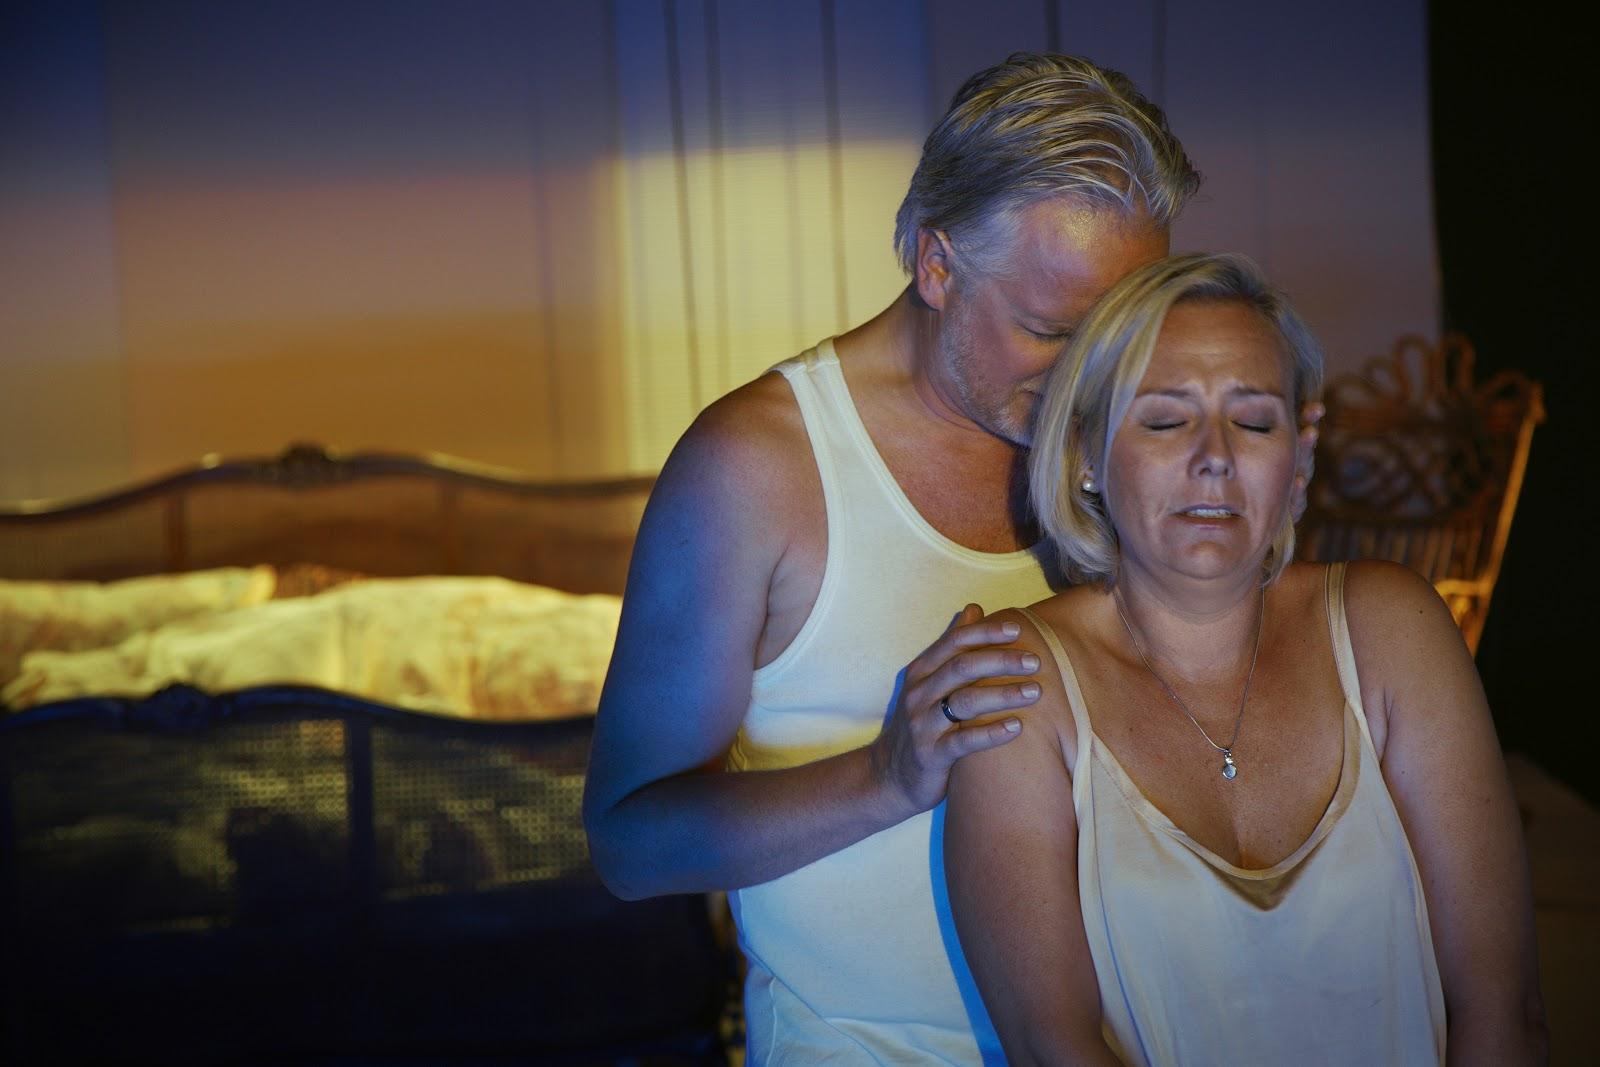 linn skåber naken kåte norske damer